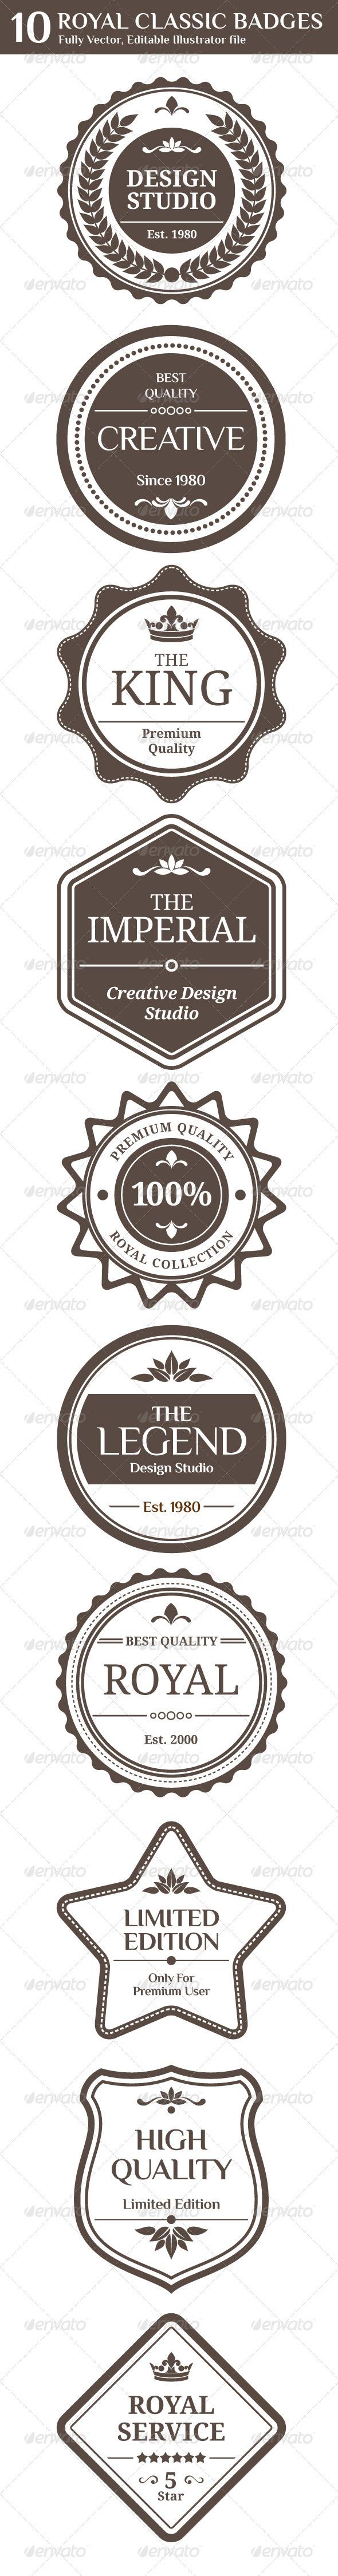 Royal Classic Badges - Web Elements Vectors